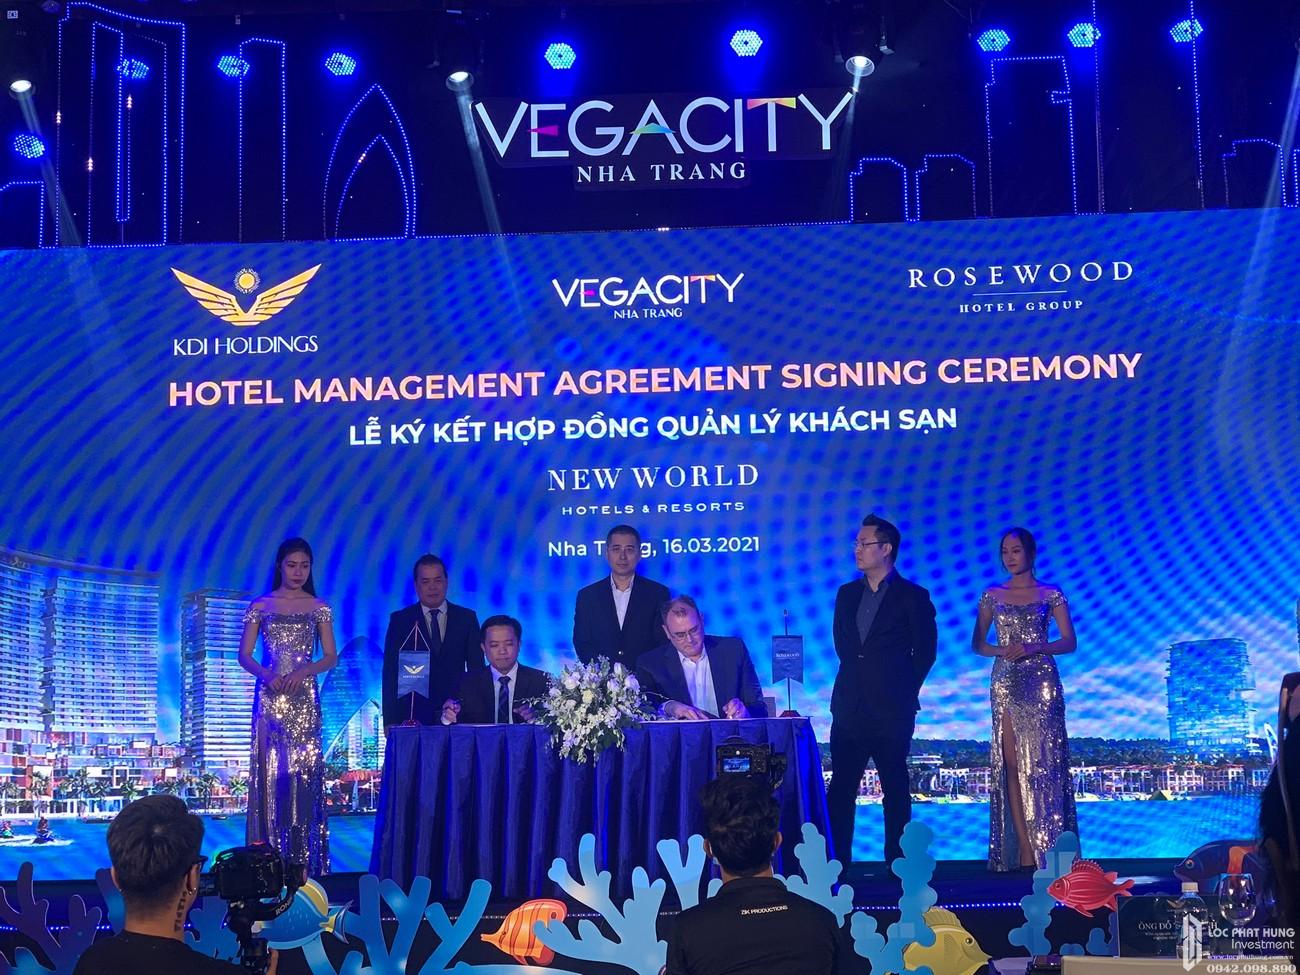 Vega City ký kết hợp đồng quản lý khách sạn với Rosewood Hotel Group